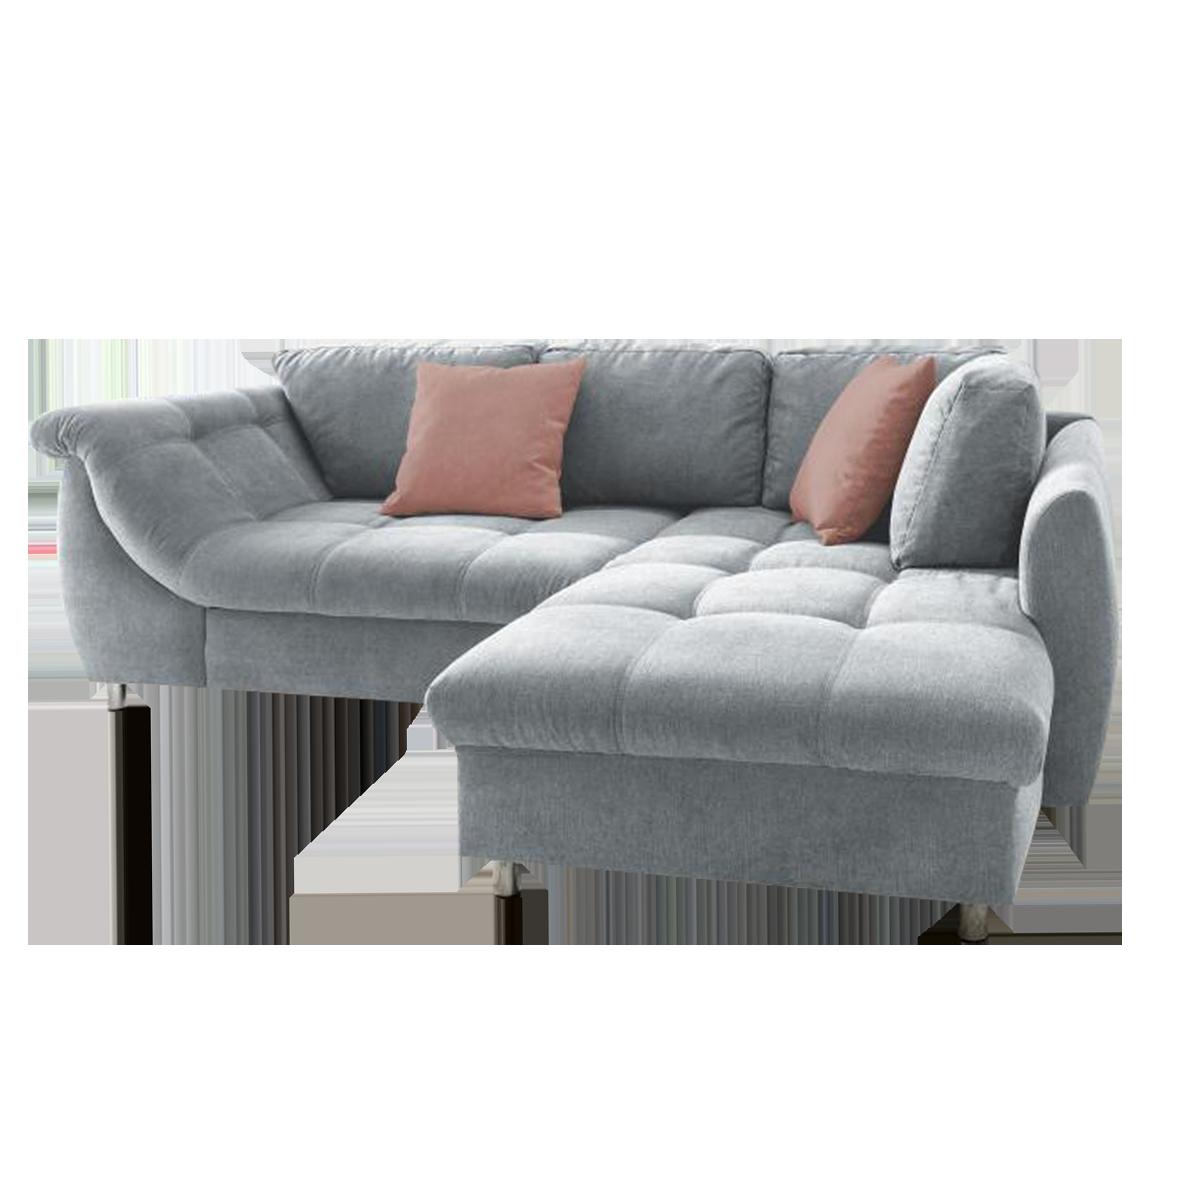 Full Size of Sofa Bezug überwurf Günstig Ottomane Reinigen Für Esstisch Rund Schlaffunktion Altes Big Mit Hocker Xxl Grau Hersteller Boxspring Polyrattan Abnehmbaren Sofa Sofa Bezug